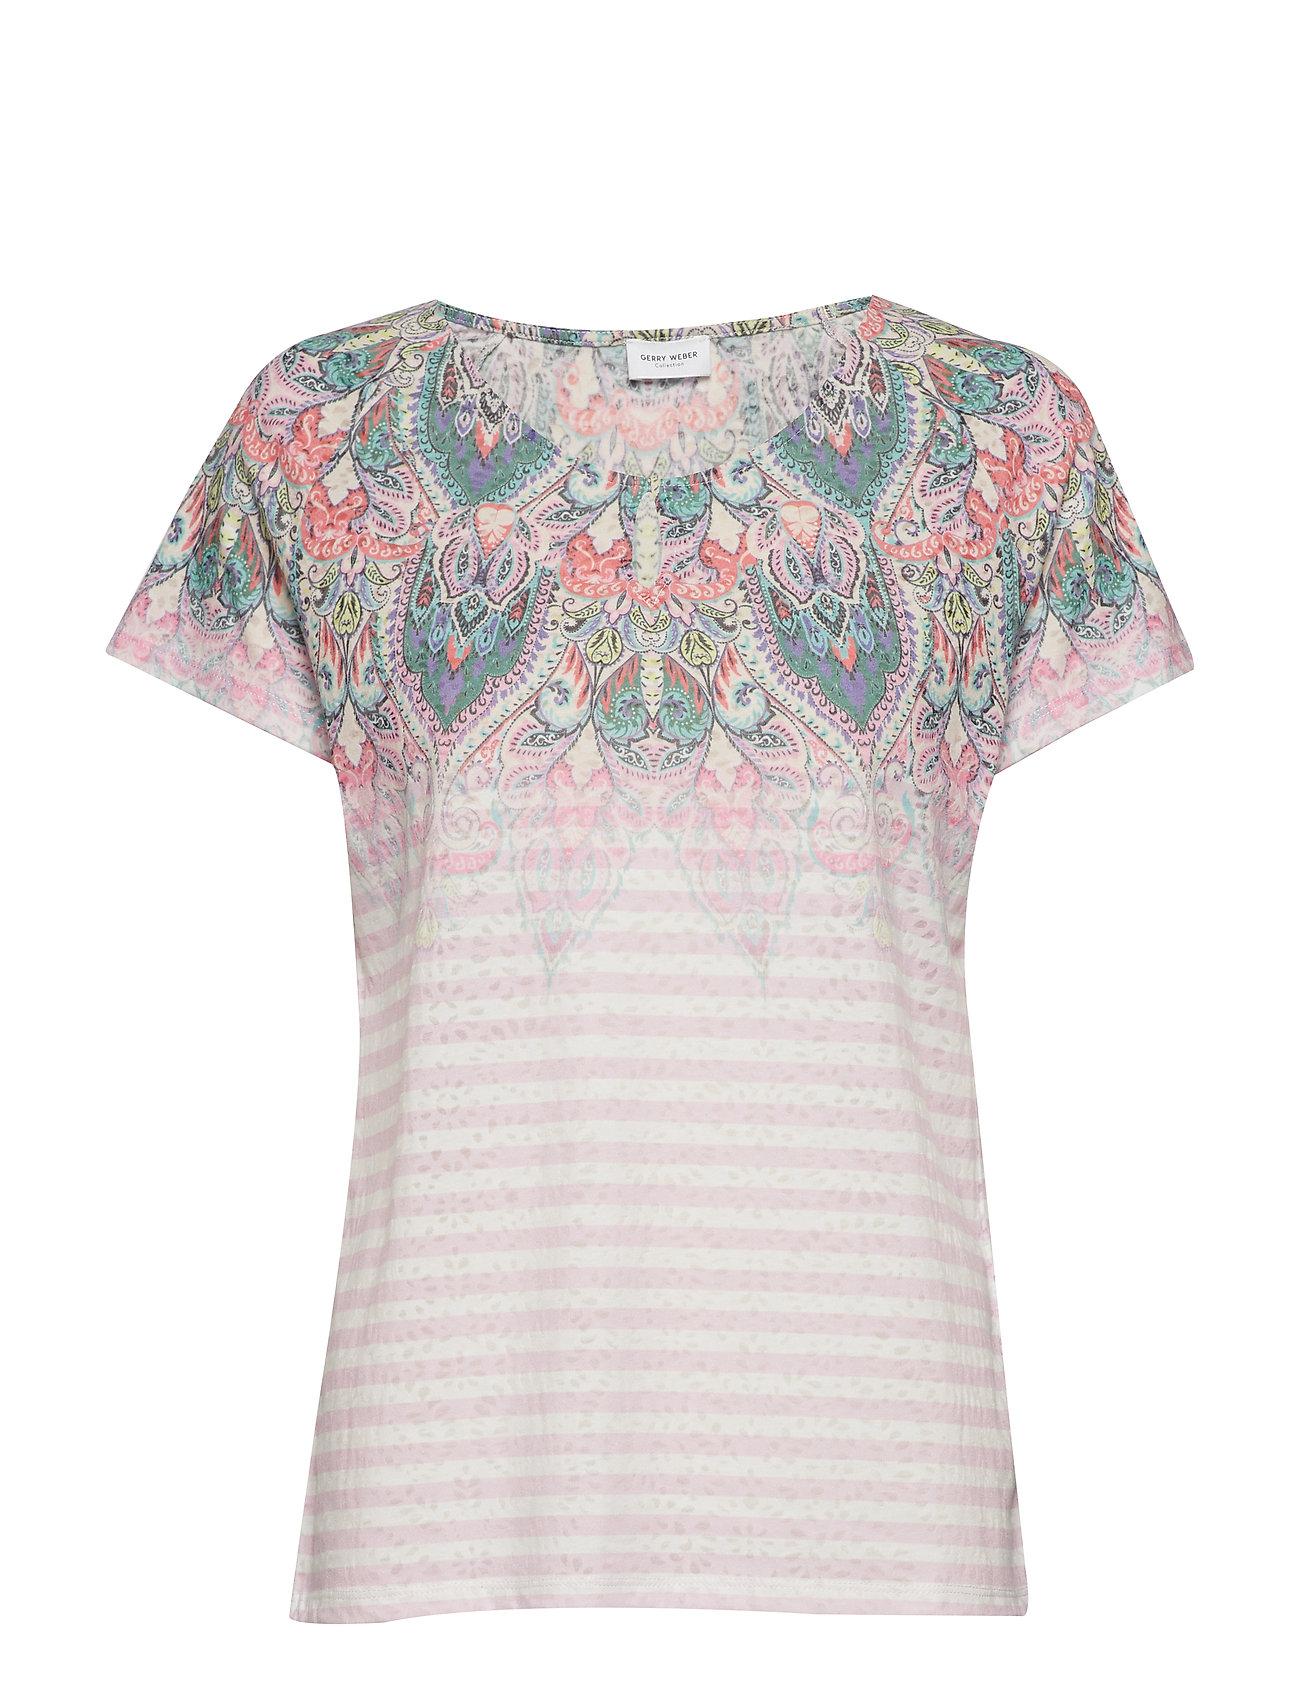 Image of T-Shirt Short-Sleeve T-shirt Top Multi/mønstret Gerry Weber (3158635827)